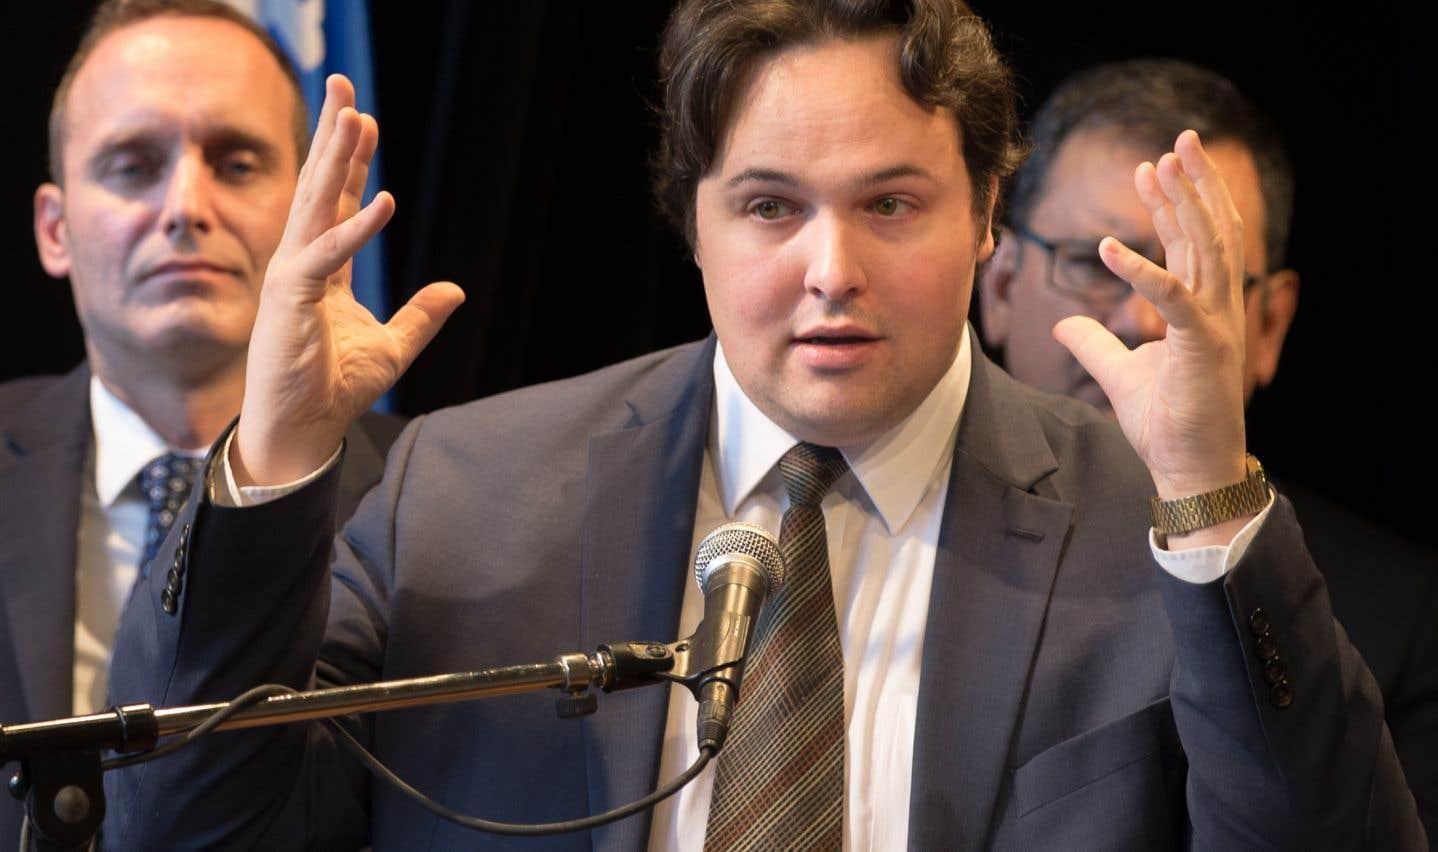 Le président général de la Société Saint-Jean-Baptiste de Montréal, Maxime Laporte, presse le gouvernement libéral de briser l'élan au «bilinguisme institutionnel».